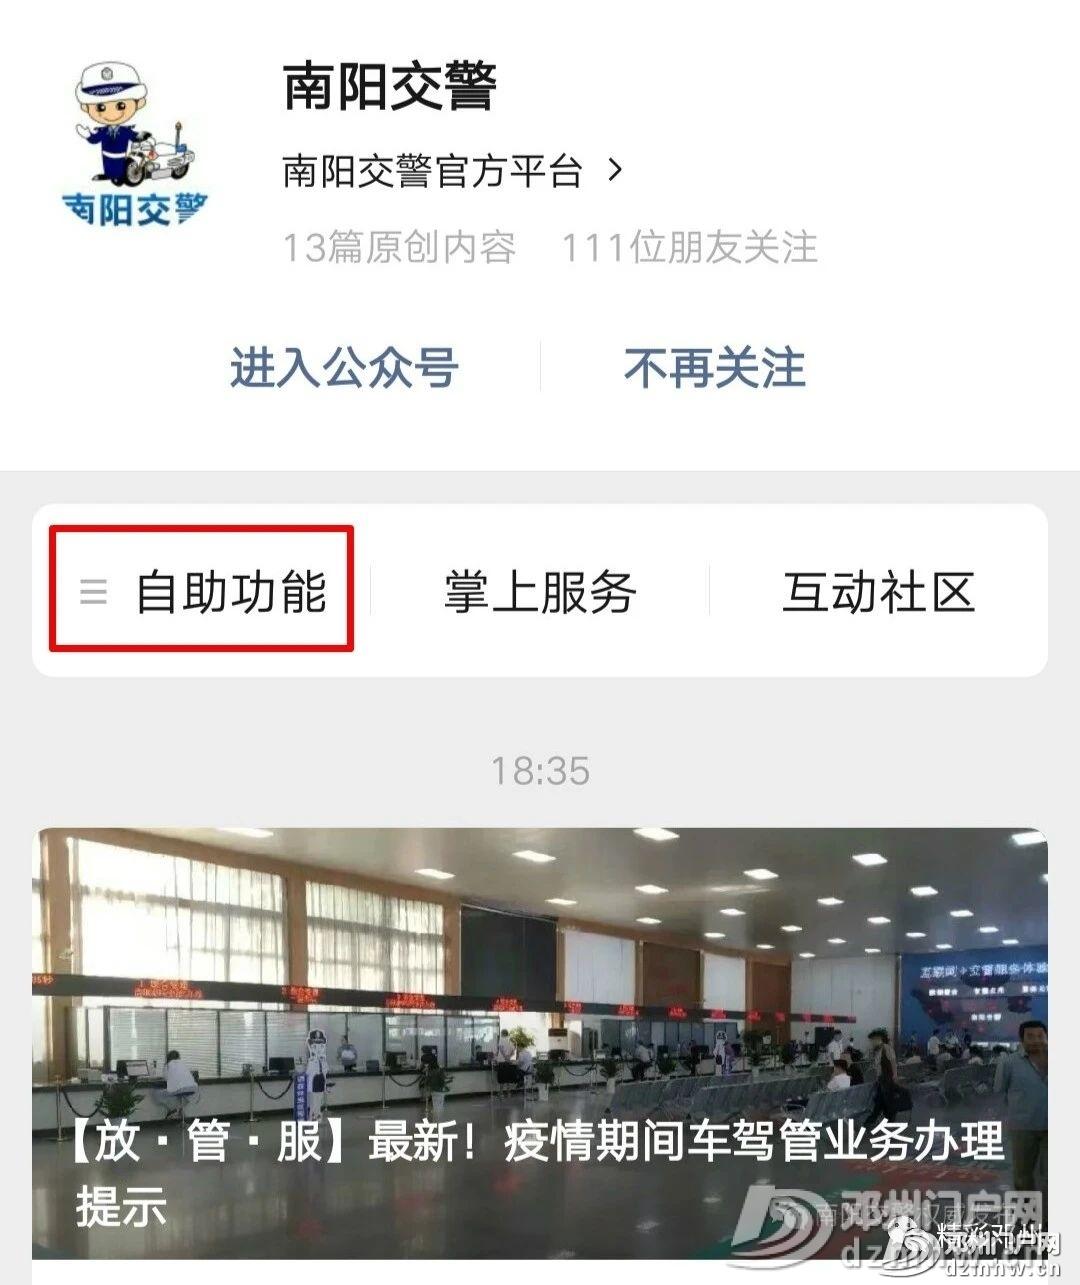 邓州车主注意!近期车管业务这样办理(提前预约,每天限100个) - 邓州门户网 邓州网 - e0ced483e28c8c96643bdc666395591e.jpg